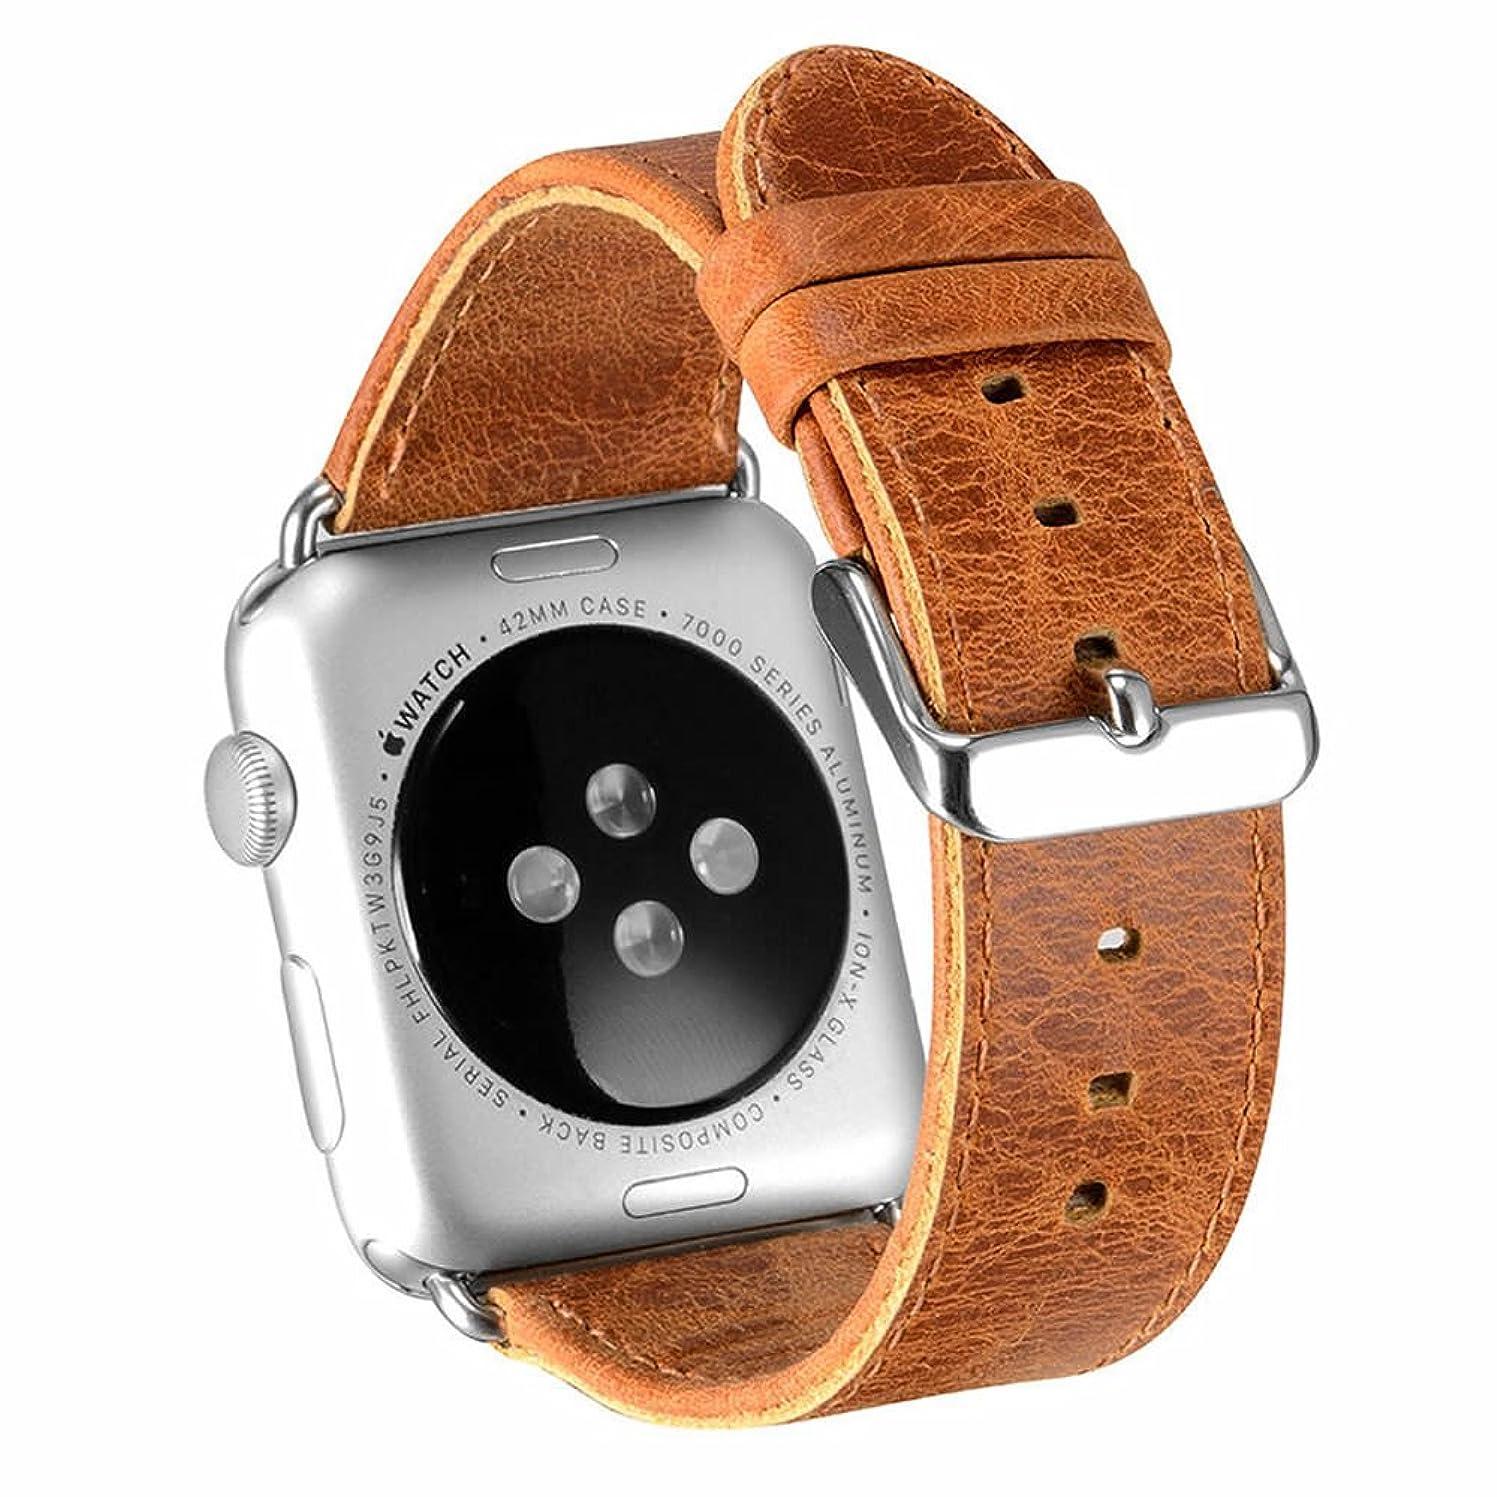 テクニカル増強する注ぎますXIHAMA For Apple Watch シリーズ5 シリーズ4 シリーズ3 シリーズ2 シリーズ1に適用 バンド交換用 レザーバンド 工具付き (42mm/44mm, light brown)